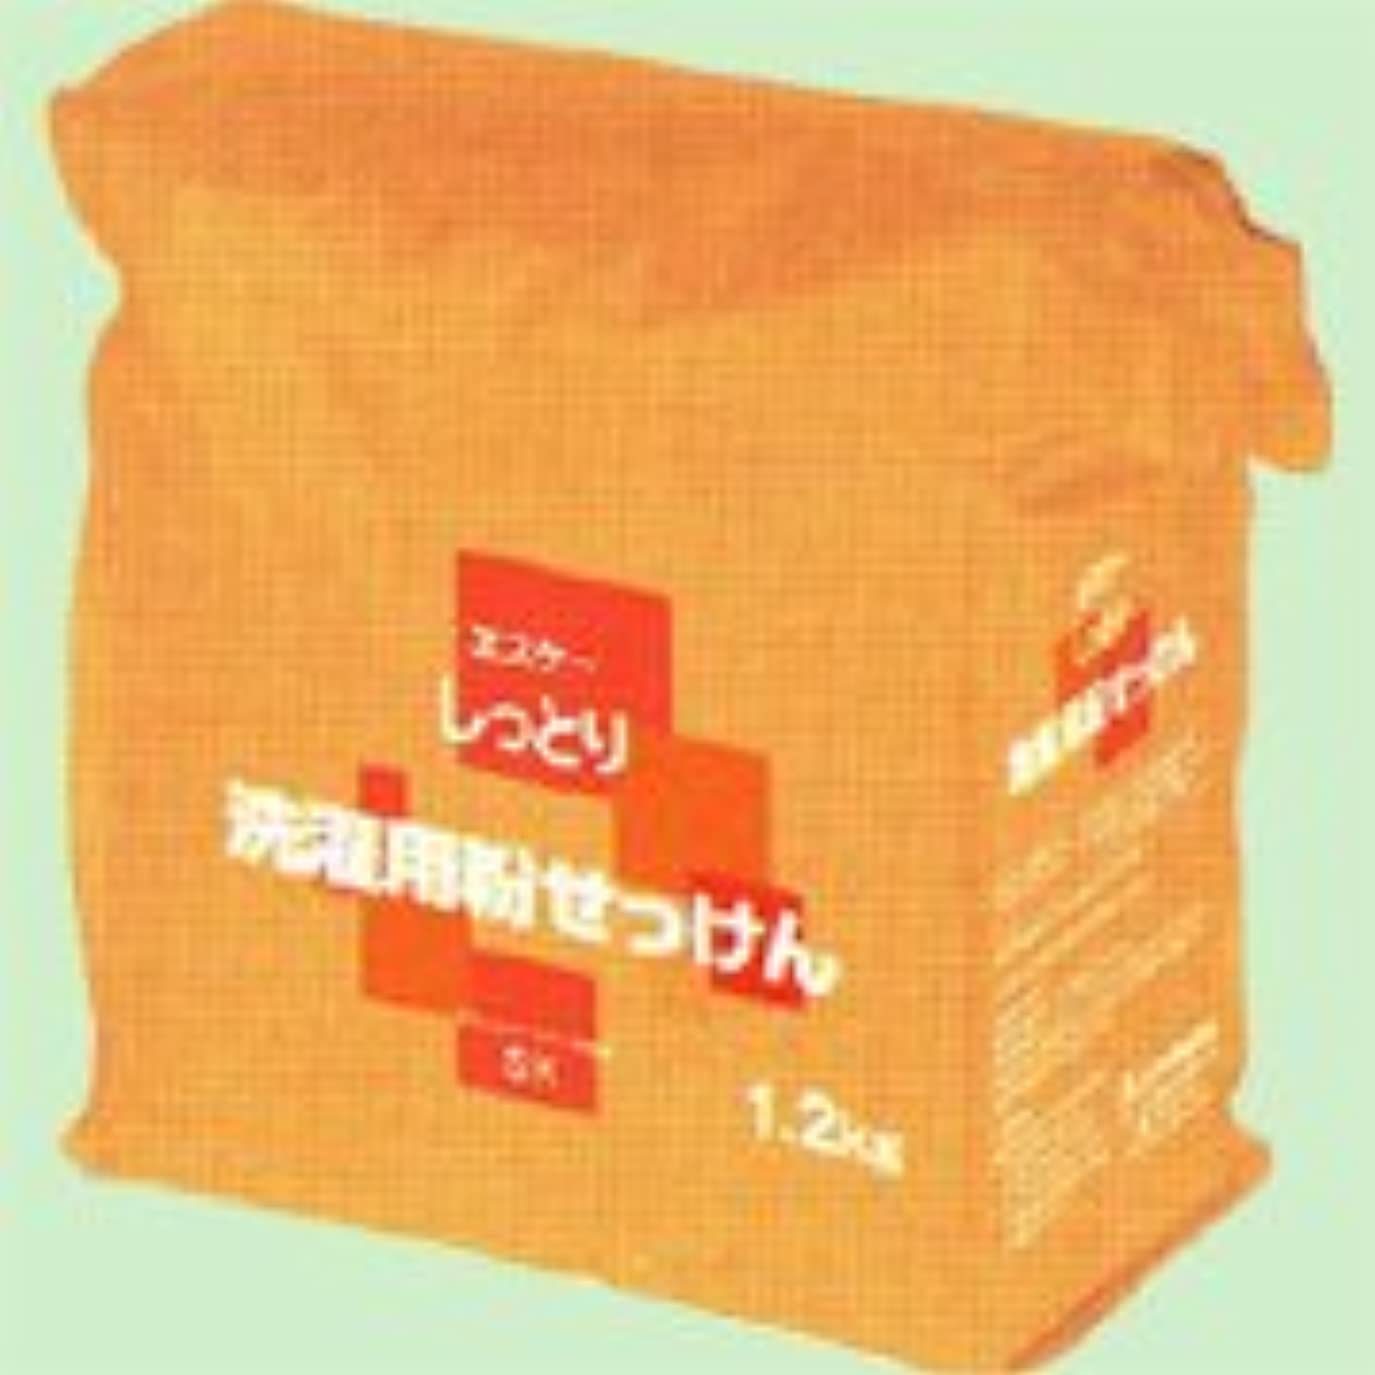 広がり信念規模しっとり洗濯用粉せっけん詰替用 1.2kg   エスケー石鹸